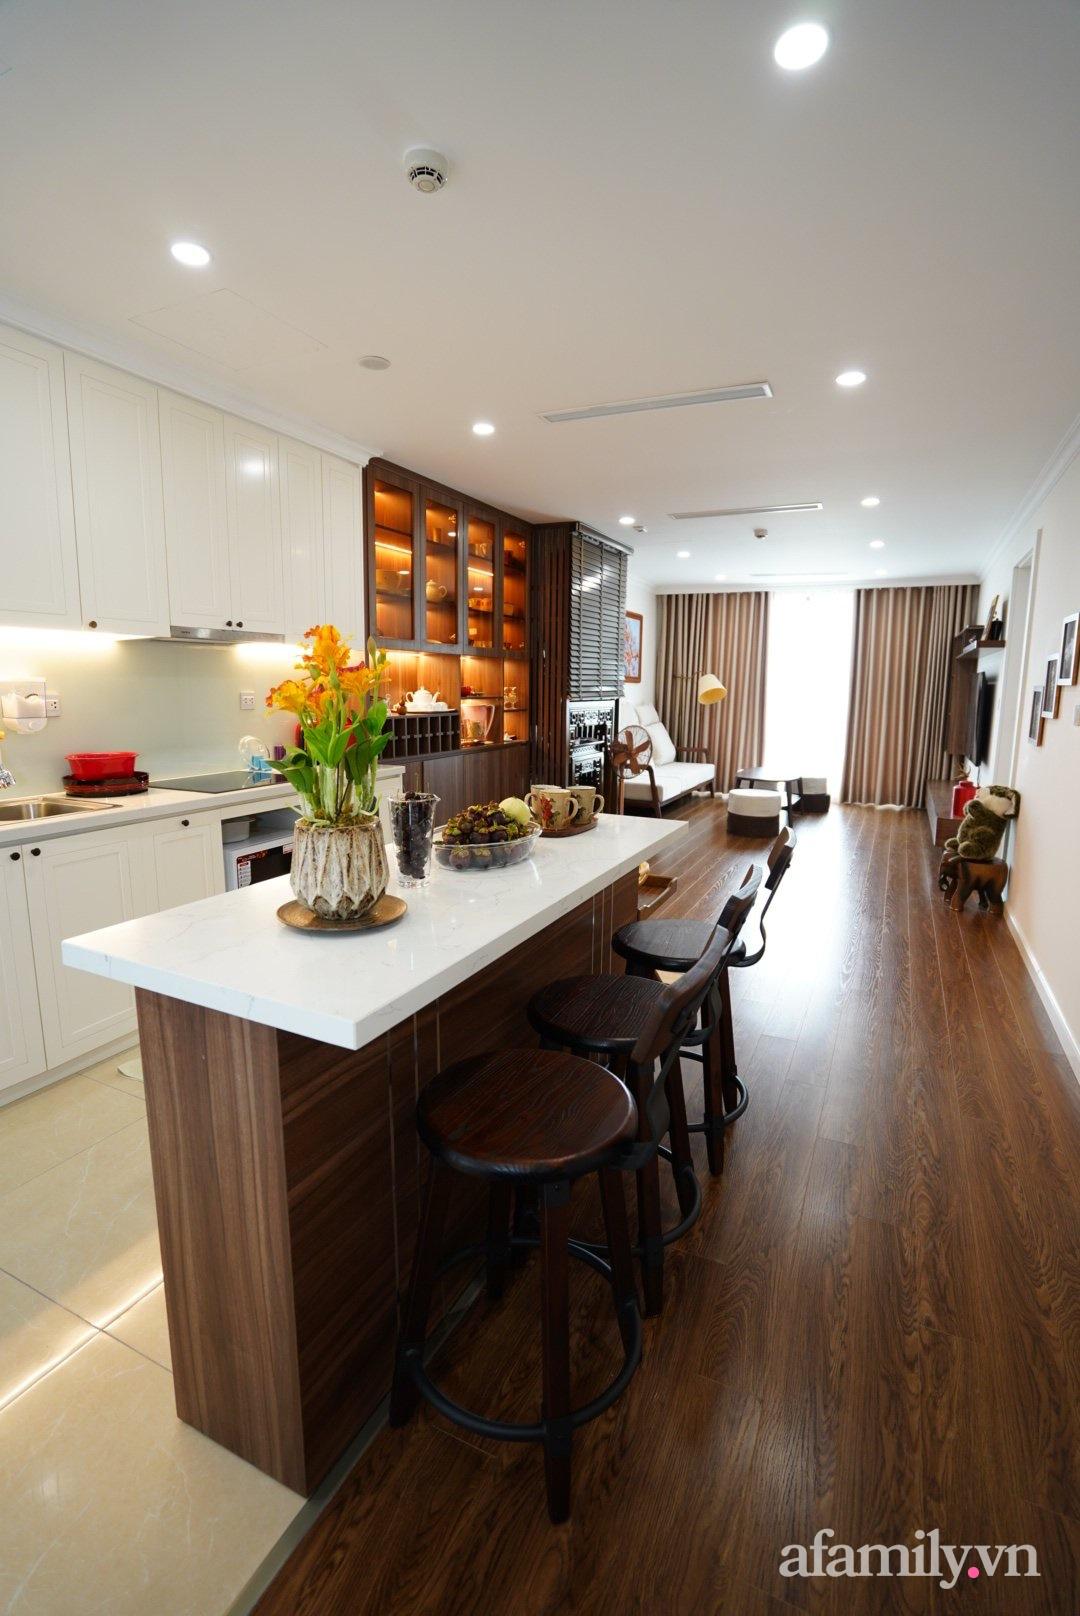 Căn hộ 107m2 đẹp sang trọng với nội thất màu gỗ óc chó có chi phí hoàn thiện 150 triệu đồng ở Hà Nội - Ảnh 6.